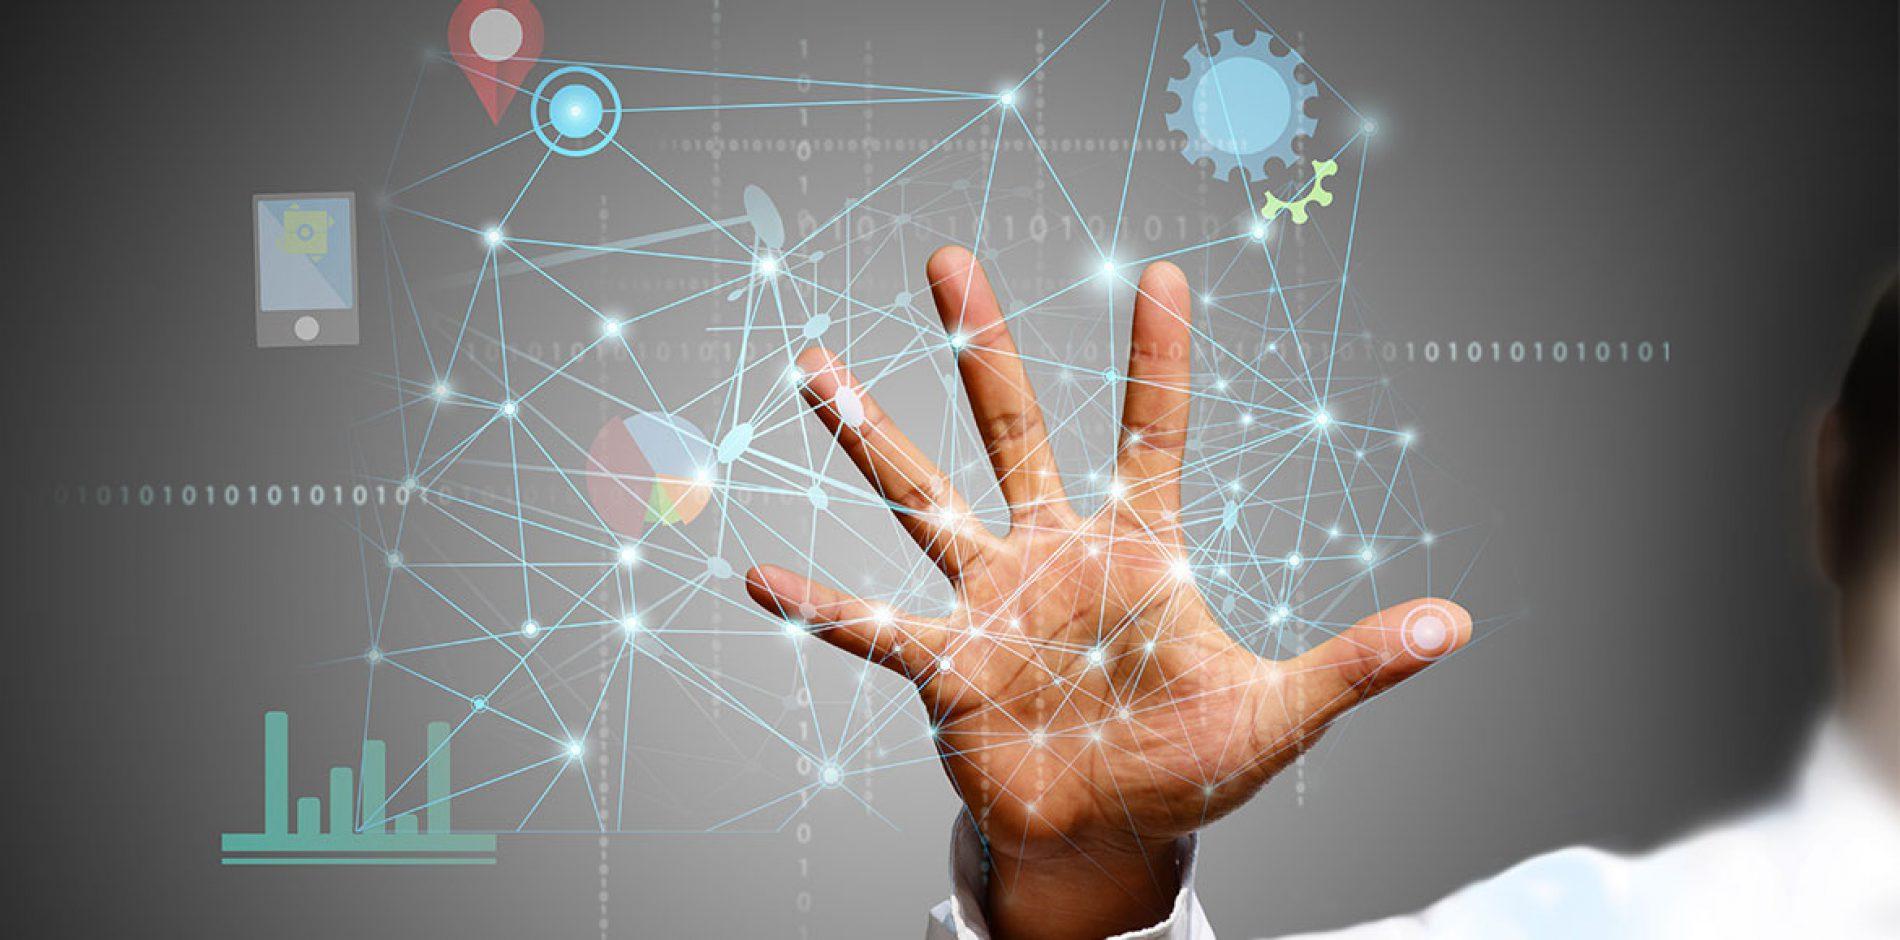 Lavori del futuro : digitalizzazione e settore IT